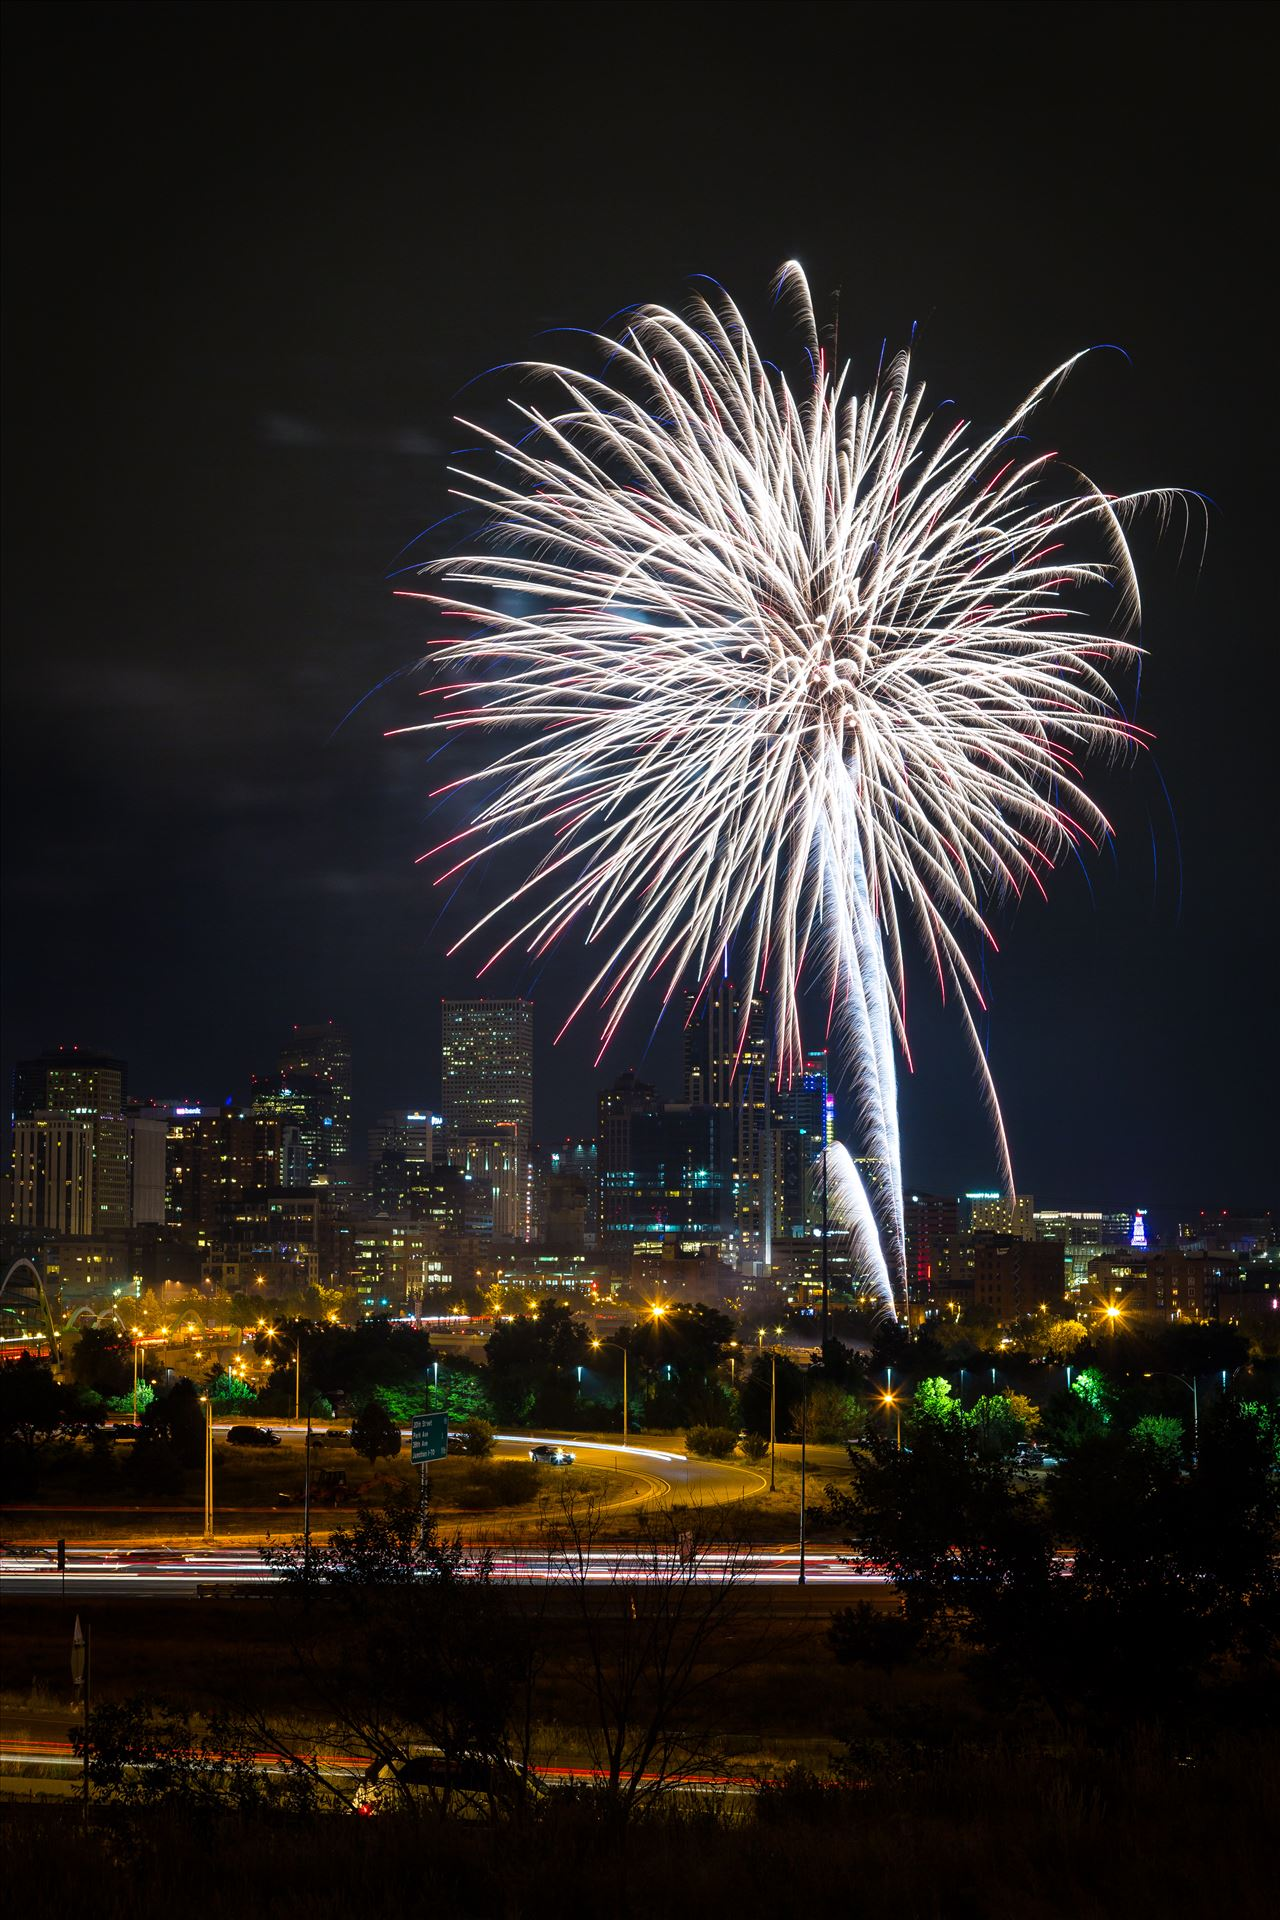 Elitch's Fireworks 2016 - 3 - Fireworks from Elitch Gardens, taken near Speer and Zuni in Denver, Colorado. by D Scott Smith